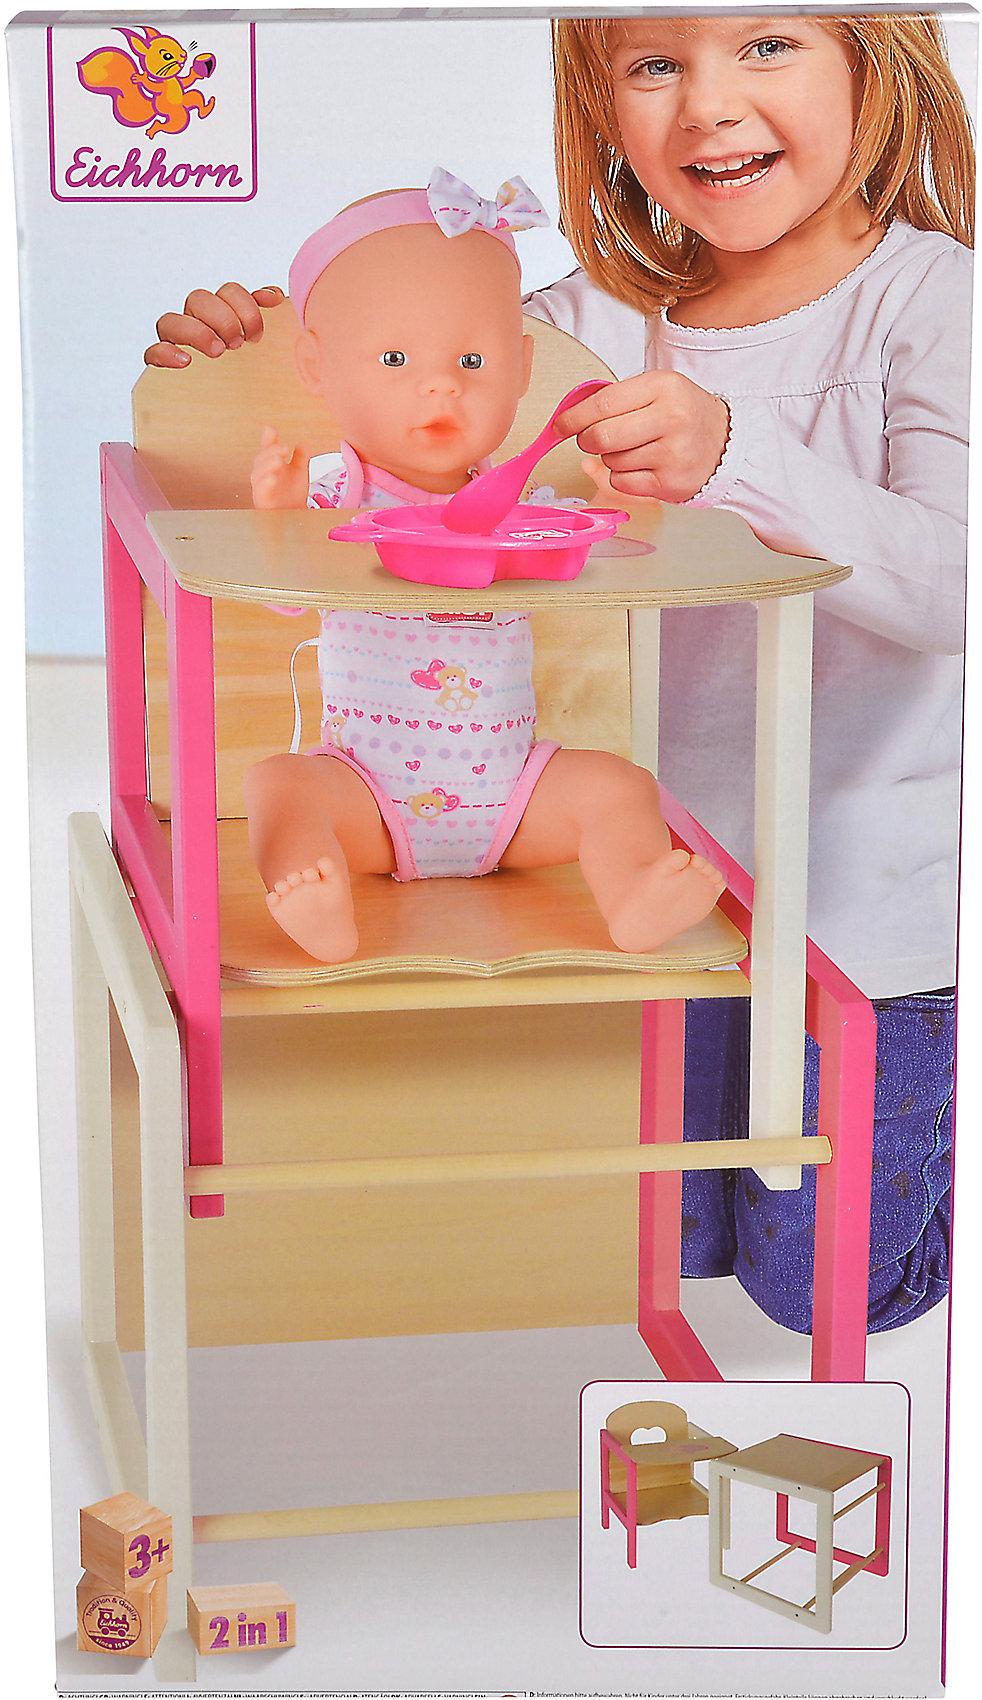 Neu Eichhorn Puppenhochstuhl mit Tisch 2 in 1 8279051 weiß/beige Babypuppen & Zubehör